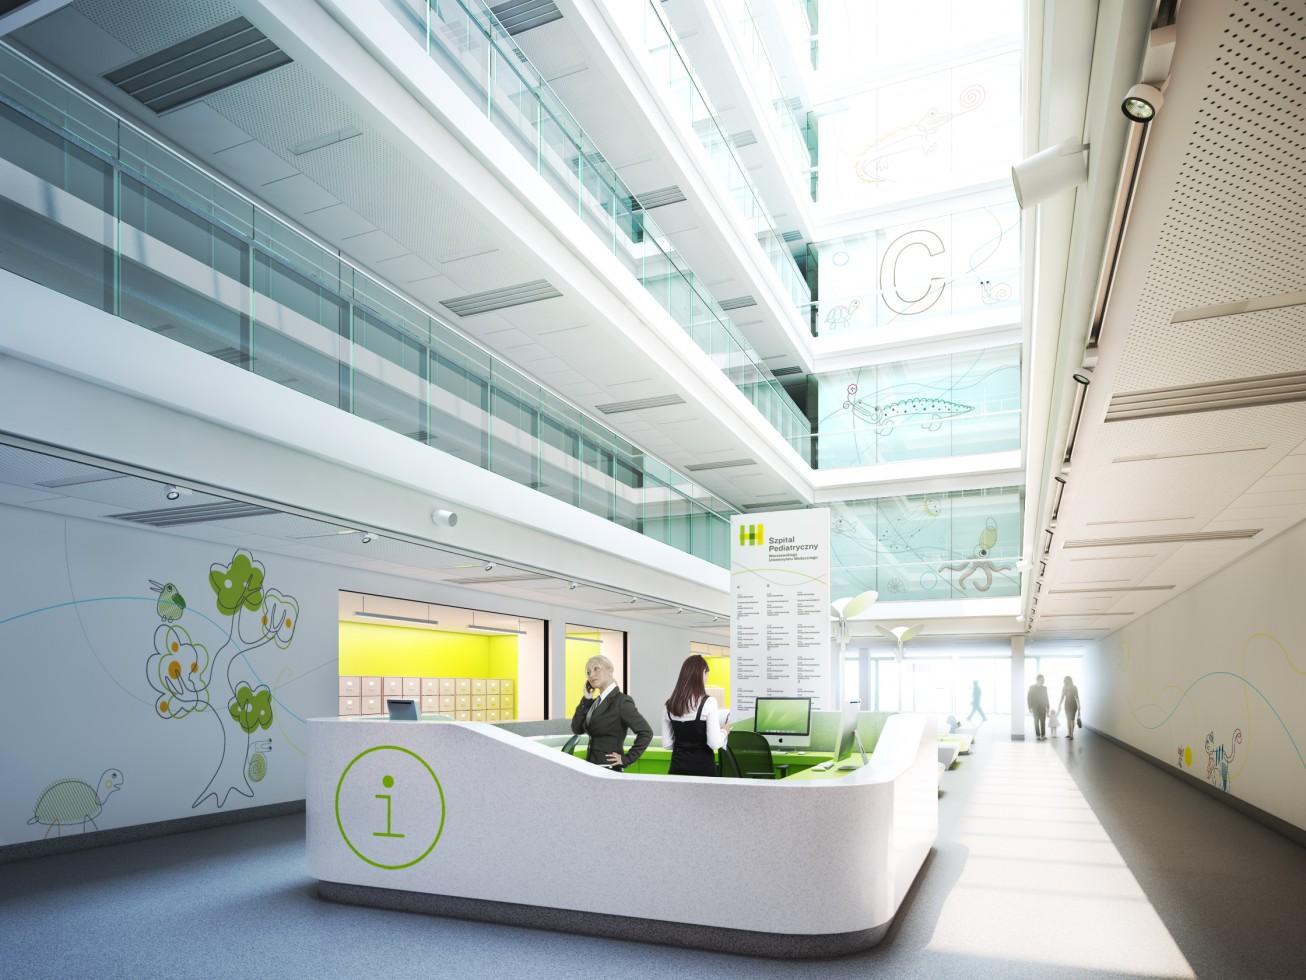 thinking architects ARCHITEKT Jakub Gwizdała projekty gotowe nowoczesny projekt domu signage warsaw pediatric hospital szpital pediatryczny warszawa 04